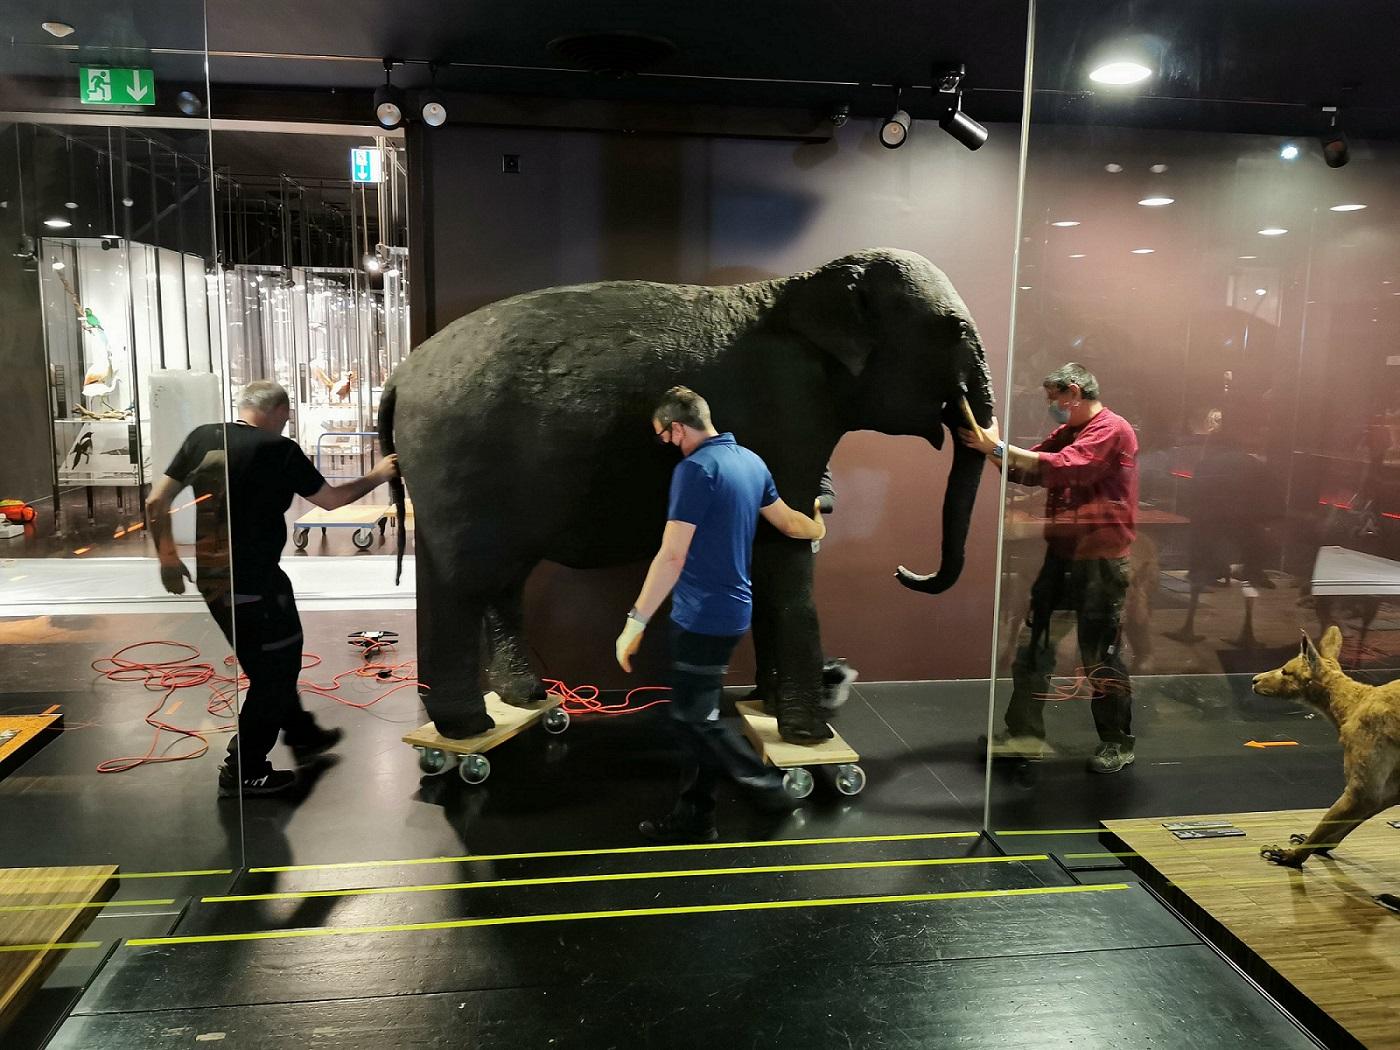 MHNF_Déplacement de l'éléphant d'Asie